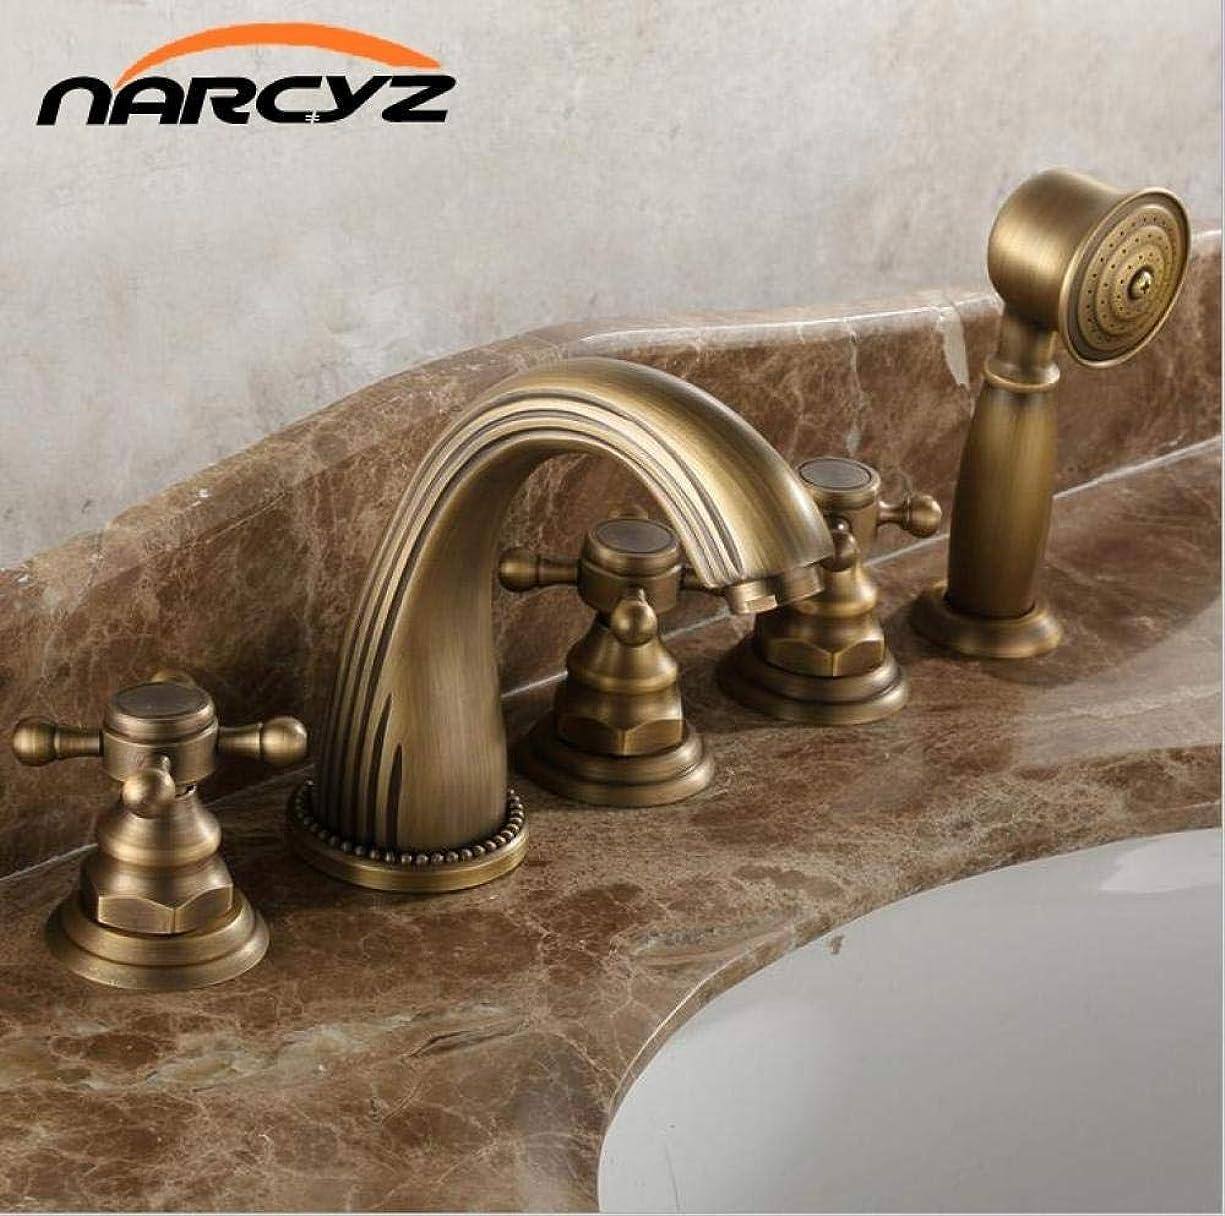 暗唱する共感する周囲CSS-LL キッチンバスタブ 全銅ホット&コールドシャワー蛇口ファイブ - ワンピースヨーロピアン - スタイルブロンズ入浴サイドスプリットファイブ - ワンピースのシャワーの蛇口 温水と冷水の混合